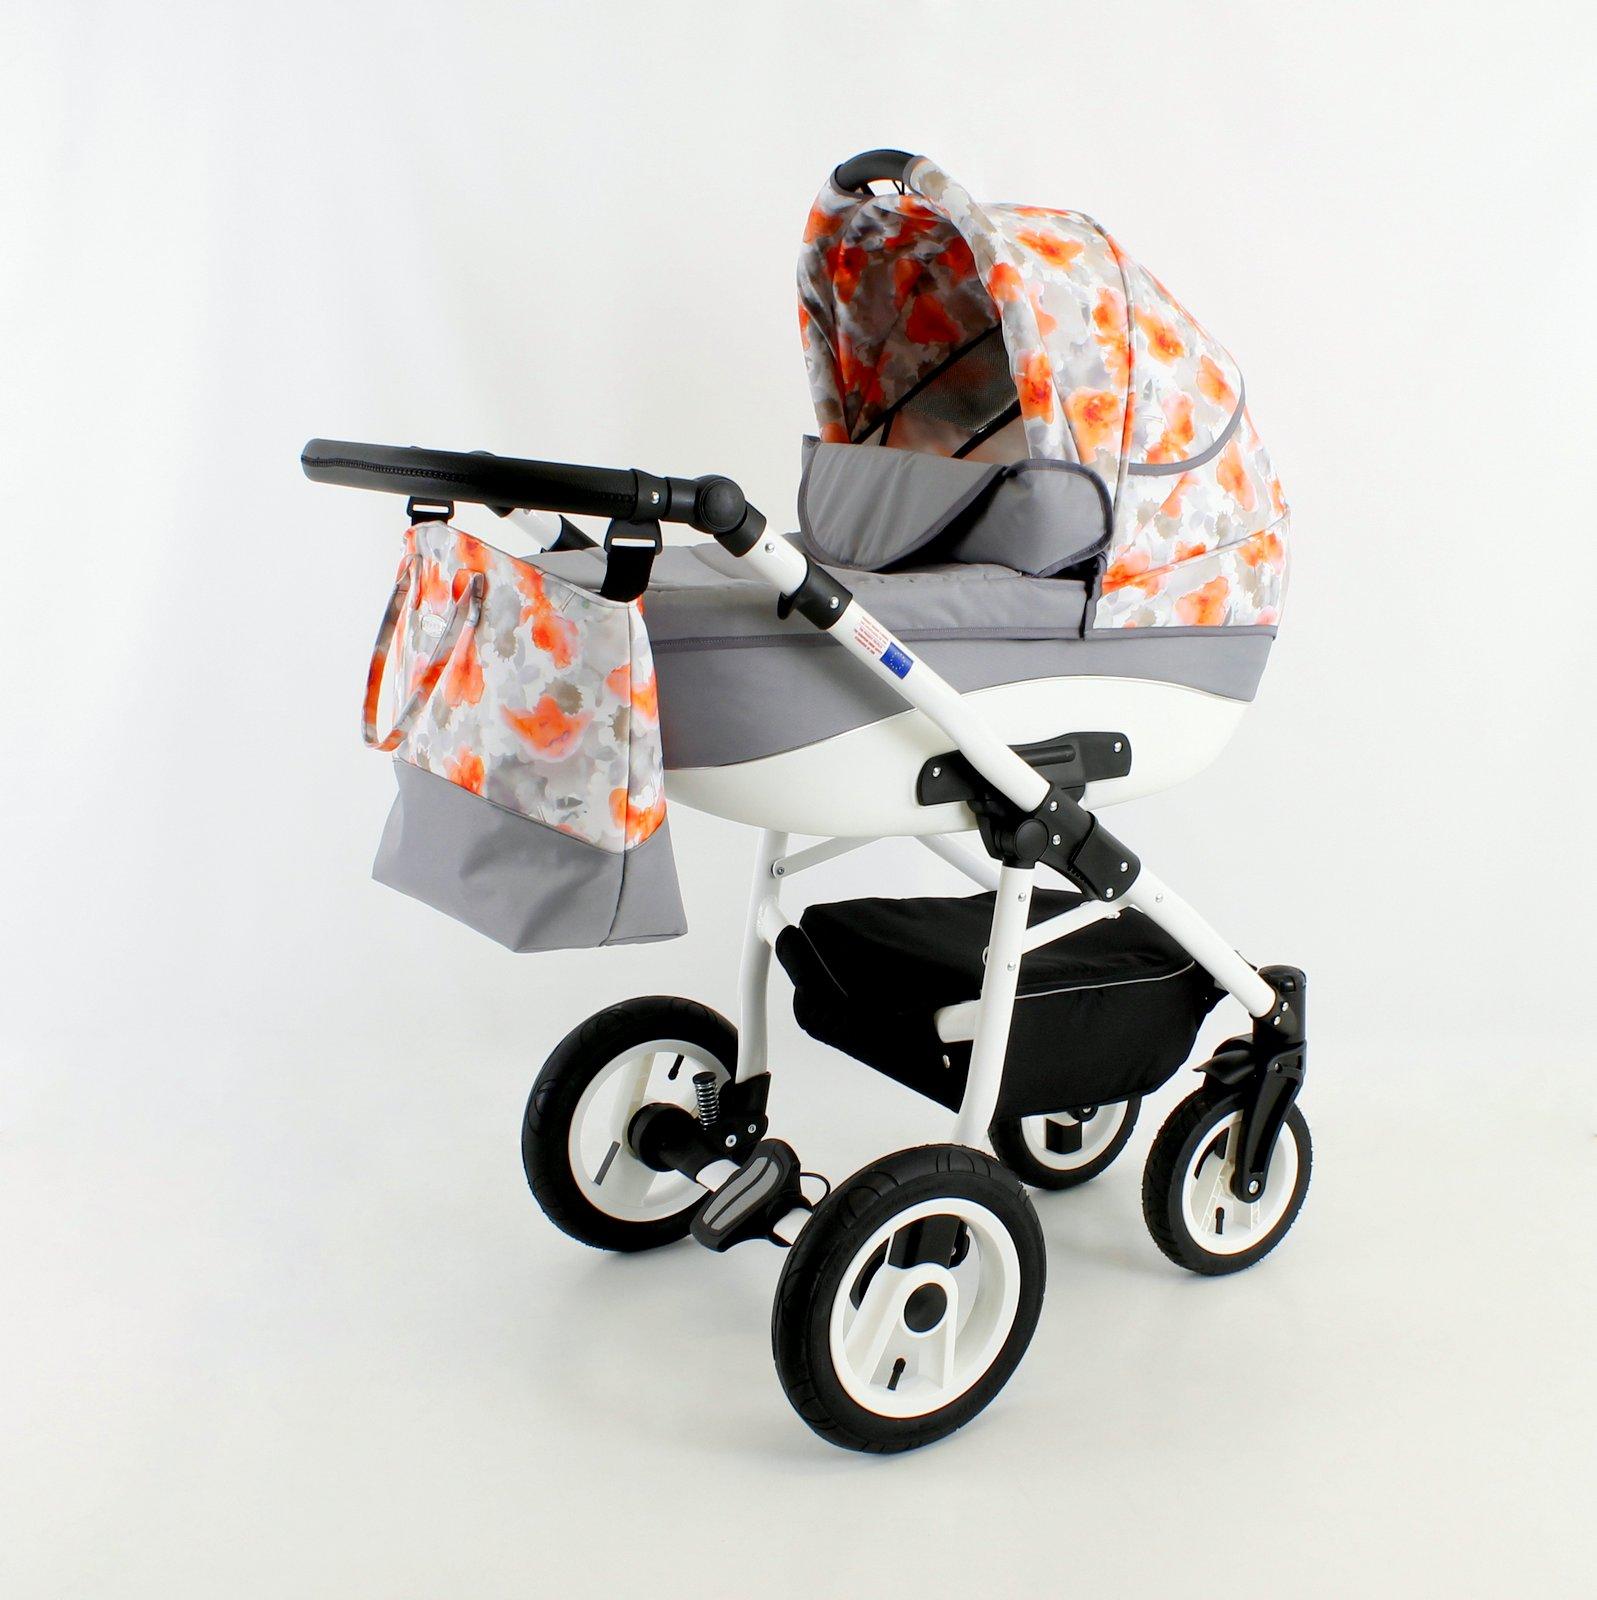 Бебешка количка Nemo flowers 3в1 цвят: оранжев